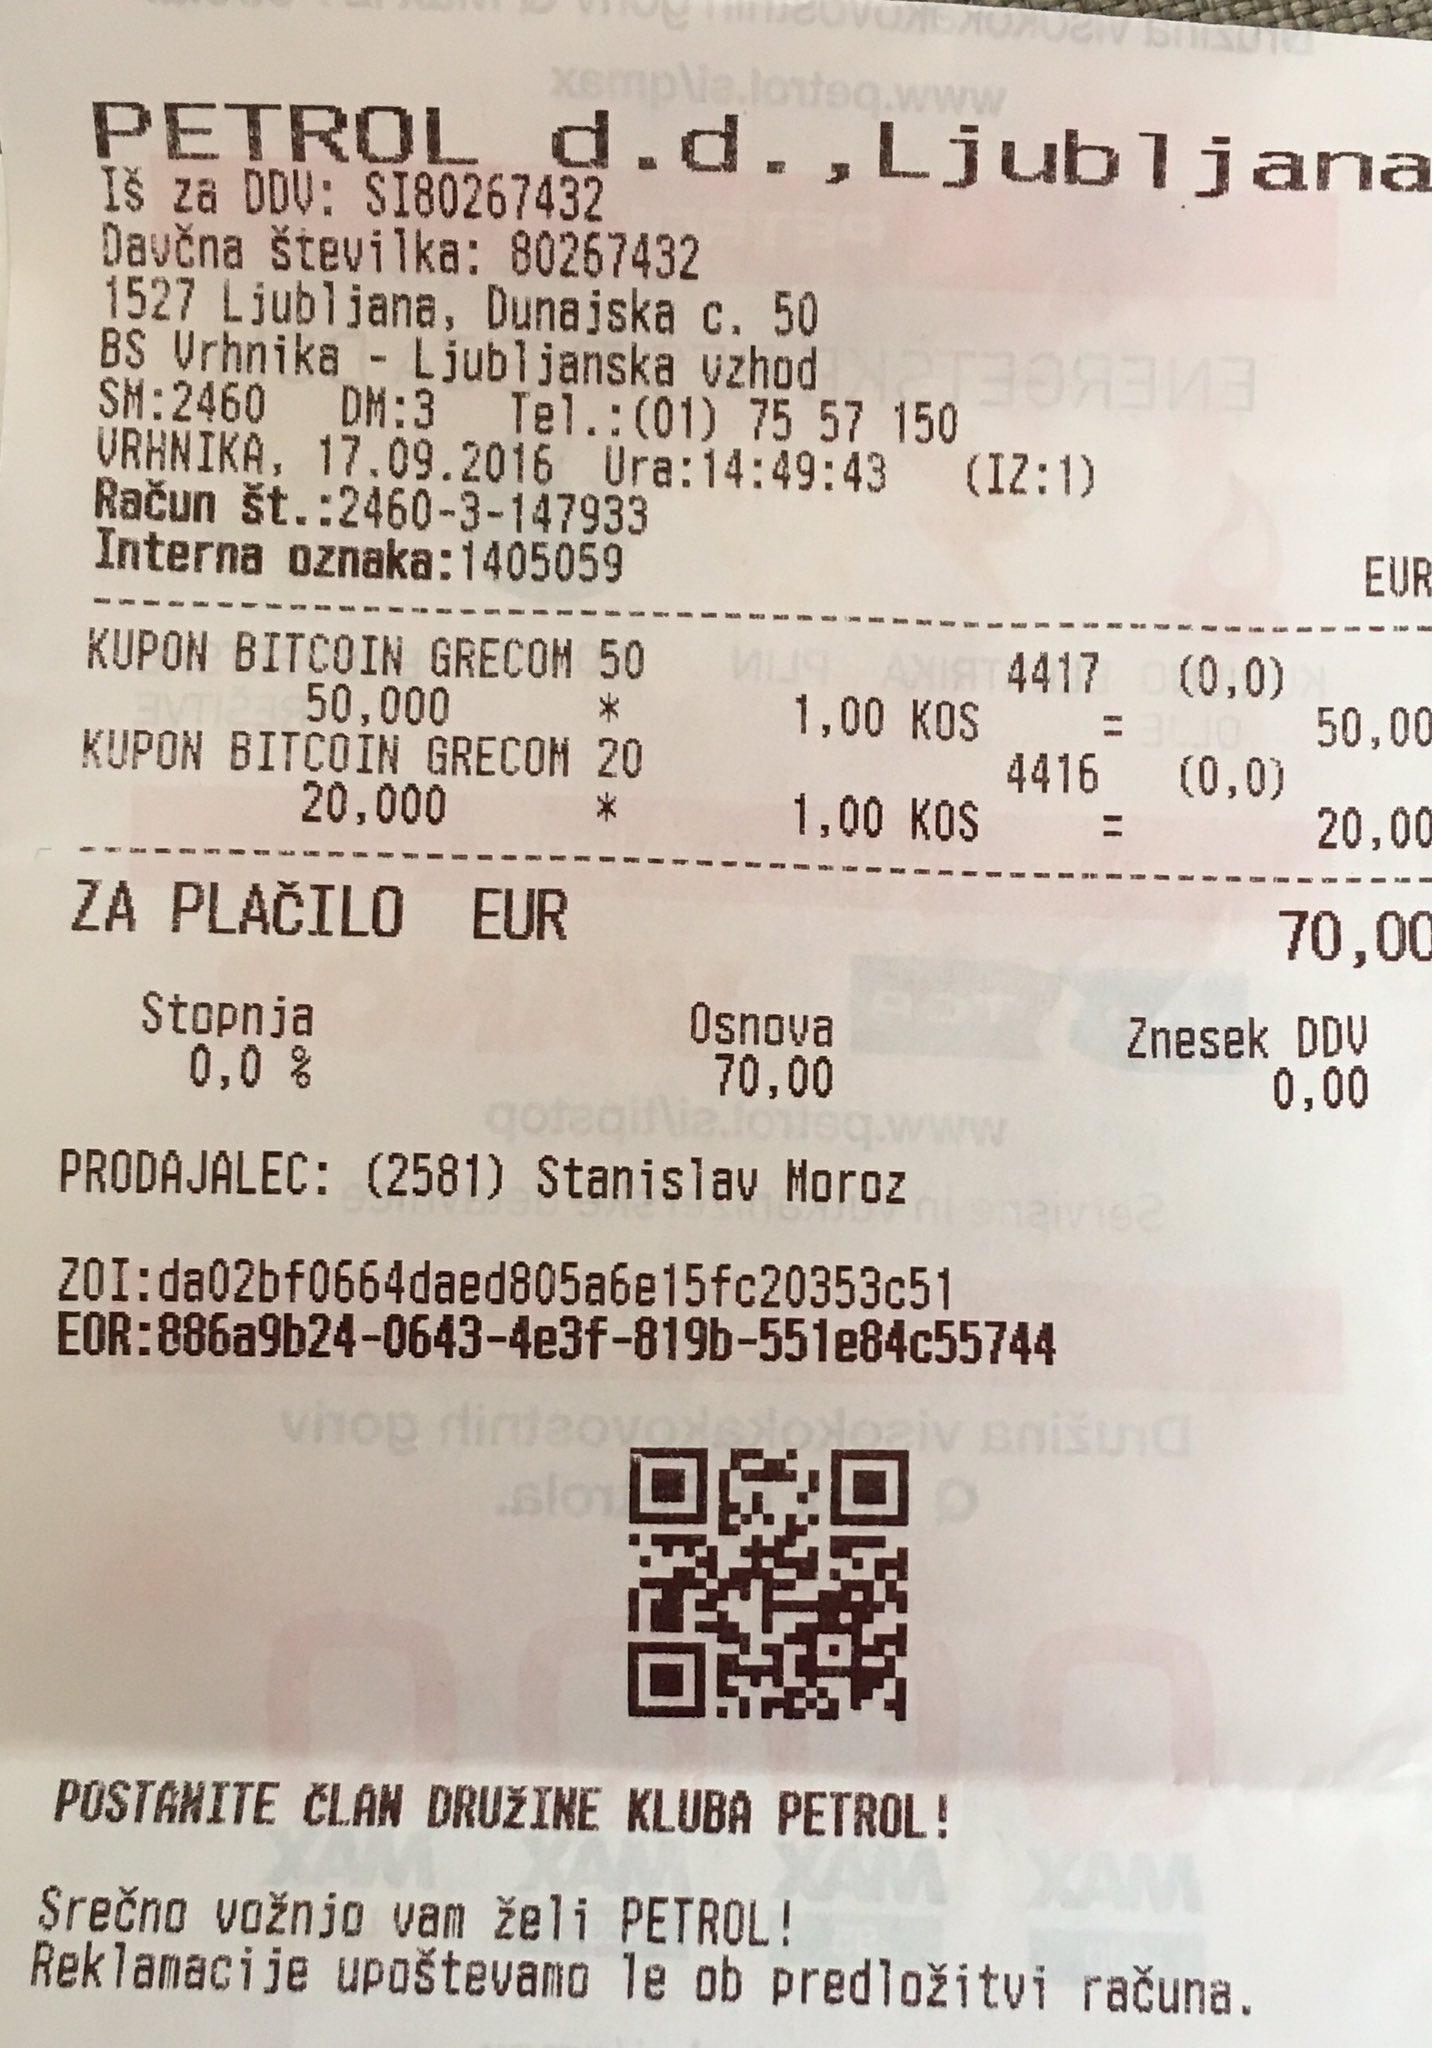 Cumpărați Bitcoin instantaneu fără verificare (ID) folosind cardul de credit / debit